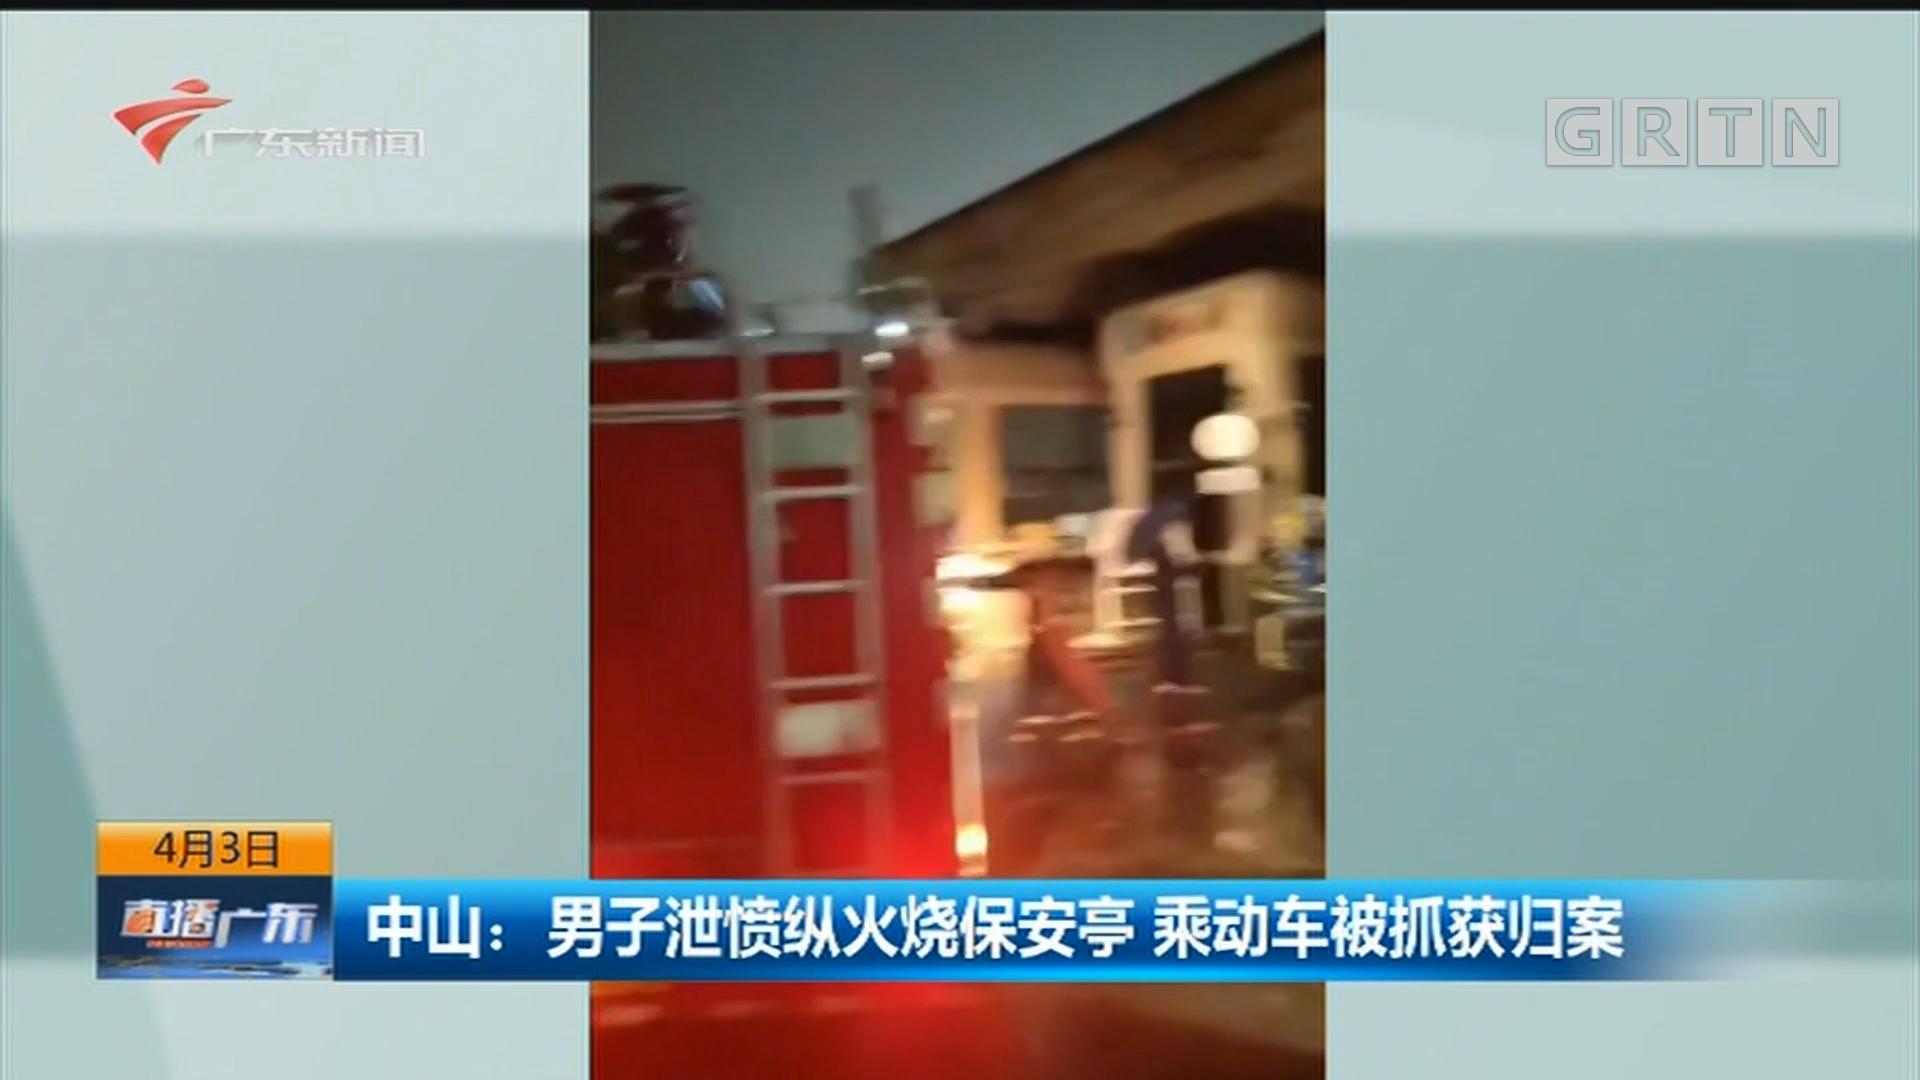 中山:男子泄愤纵火烧保安亭 乘动车被抓获归案